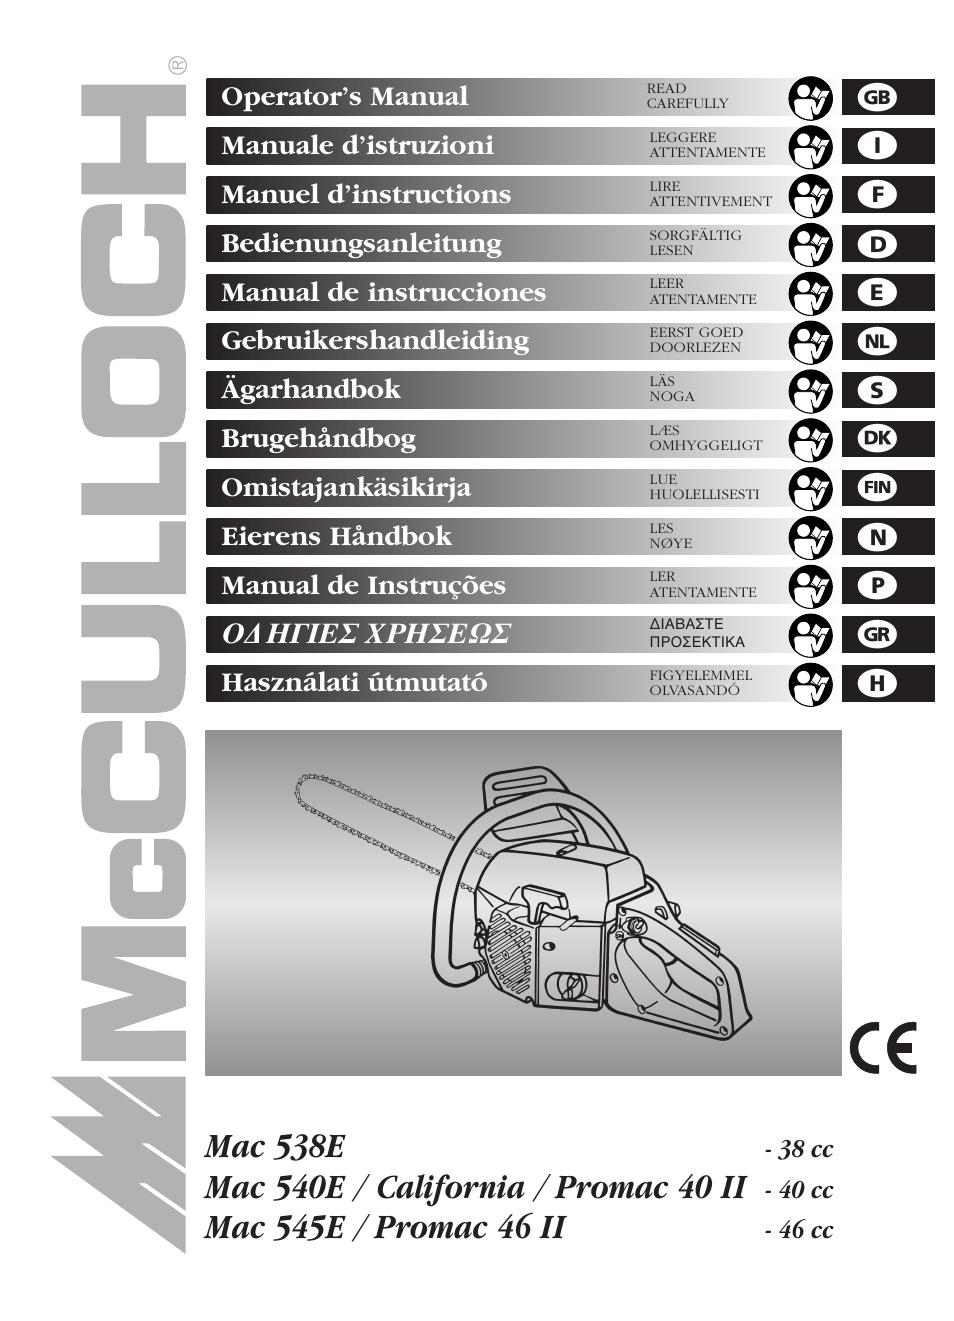 McCulloch Promac 46 II  46 cc User Manual  14 pages  Also for Mac 545E Mac 538E  38 cc